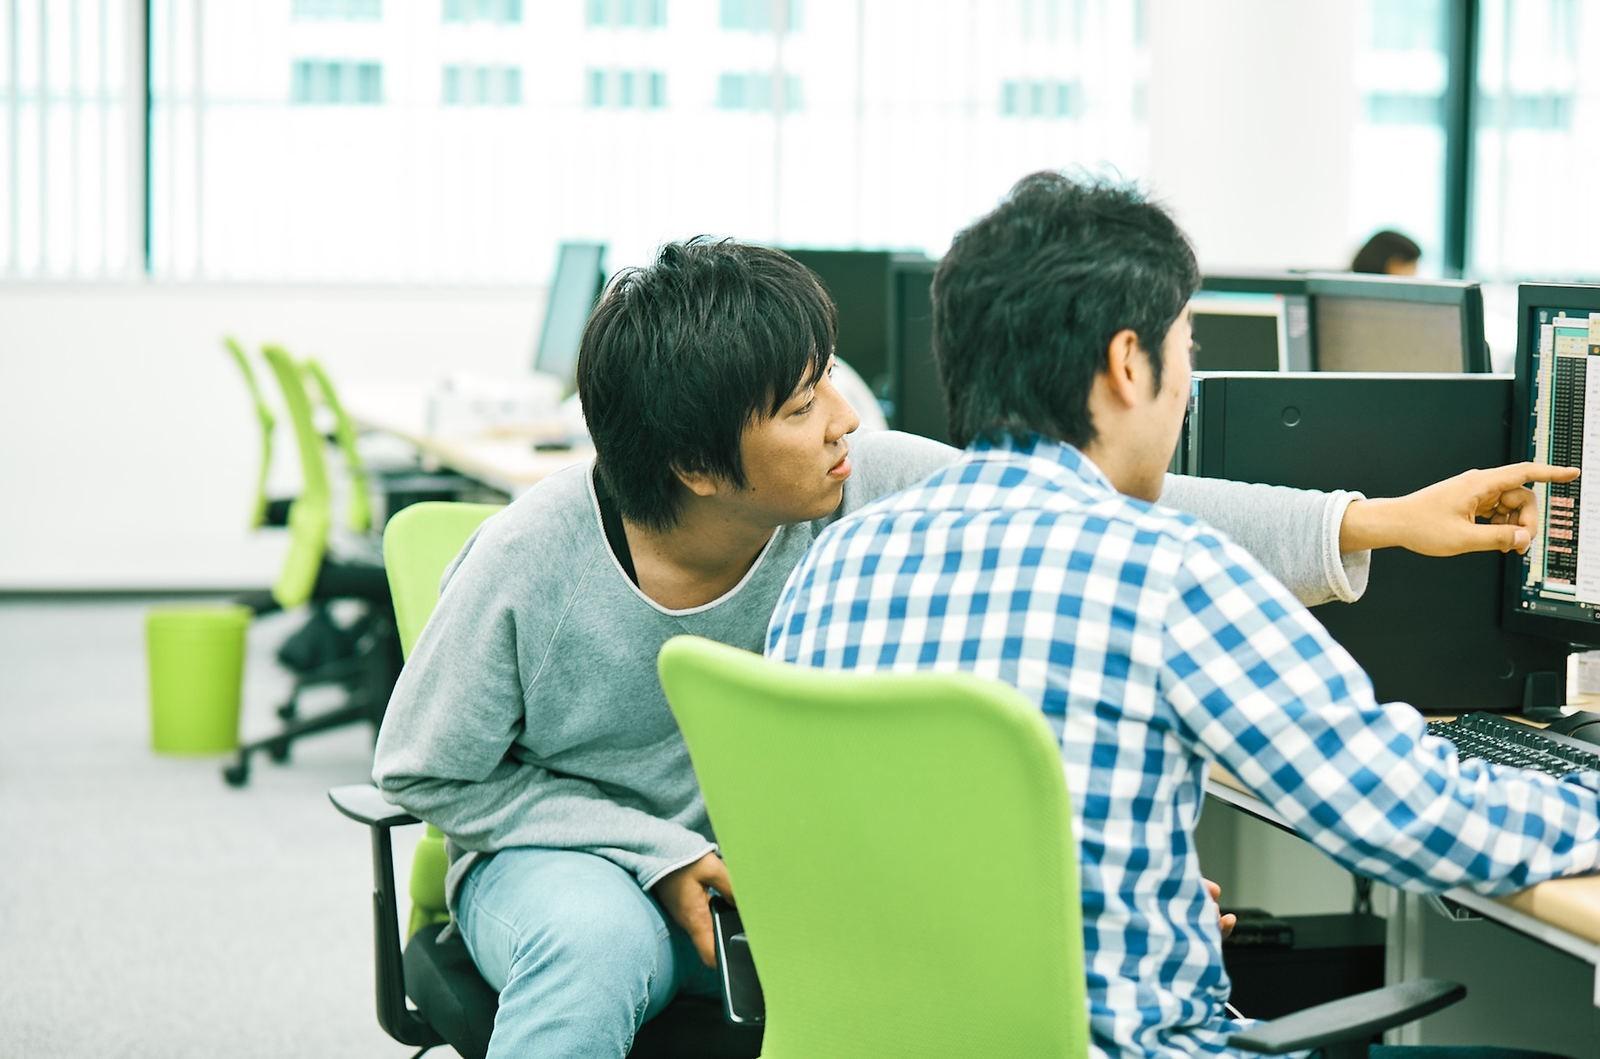 【コンテンツプロデューサー】人材管理ツール・シェアNo.1の人事向けコンテンツ制作をお任せします!